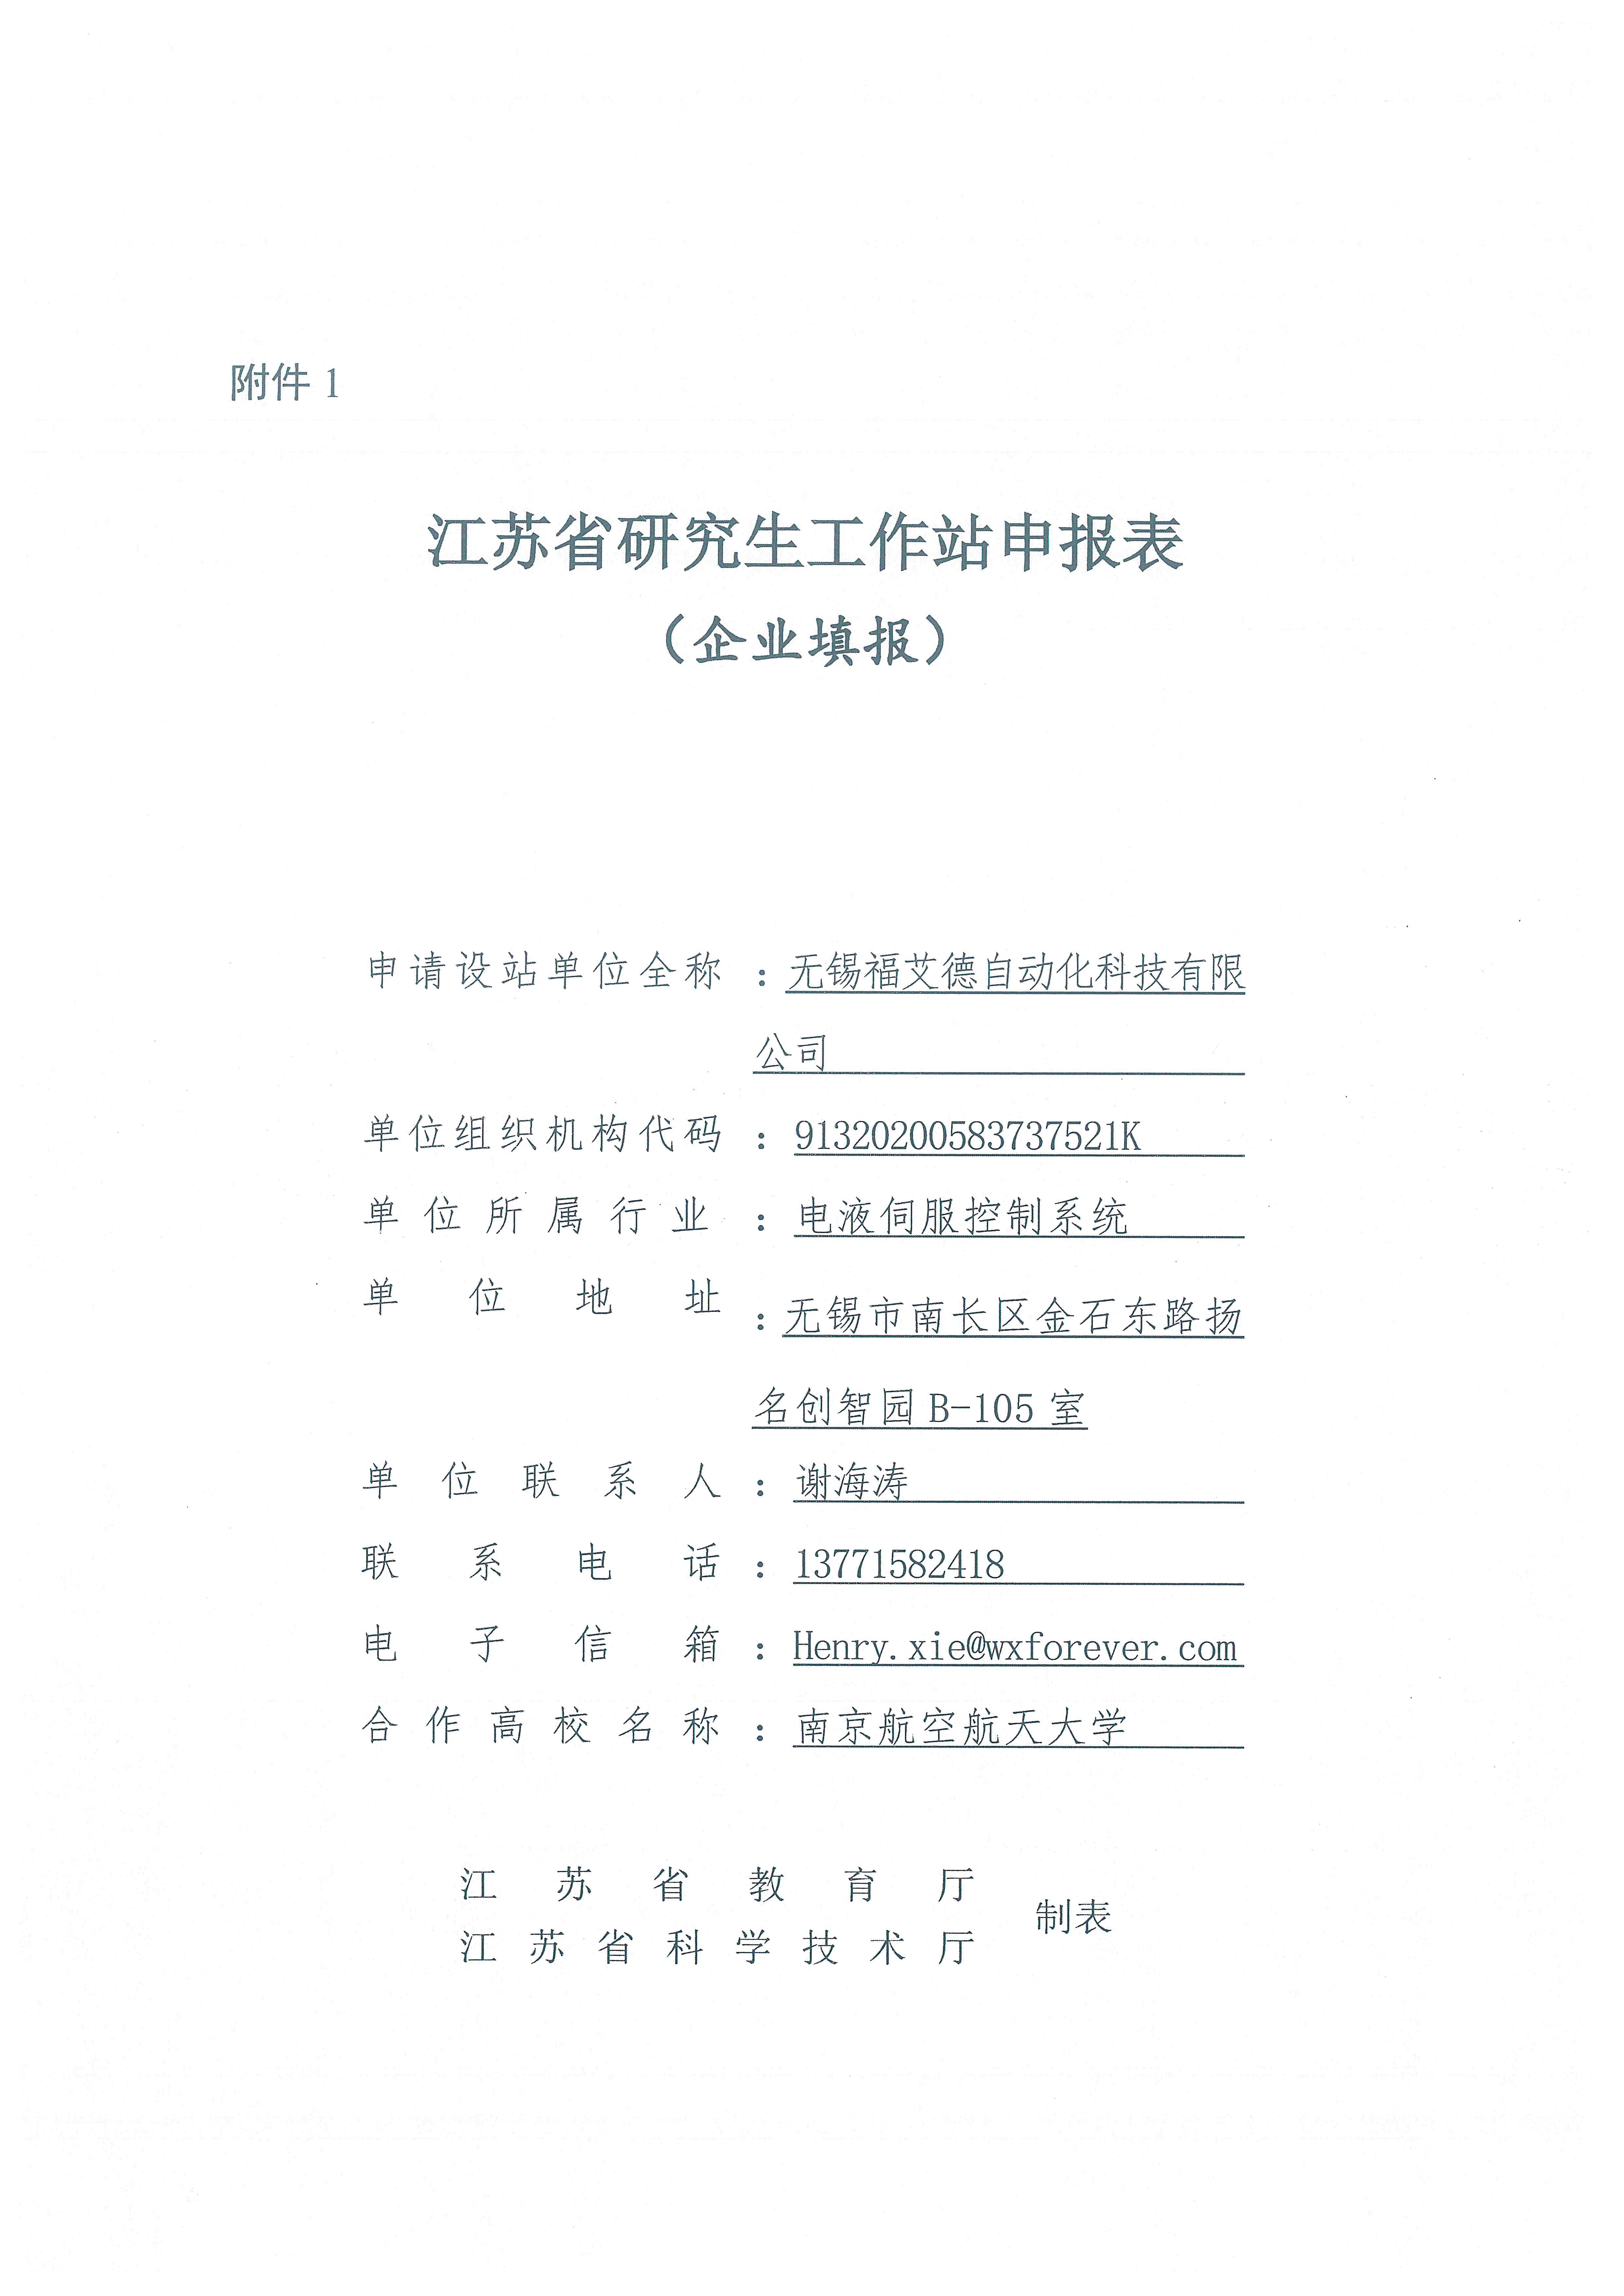 2019无锡福艾德-南京航空航天大学研究生工作站申报书公示